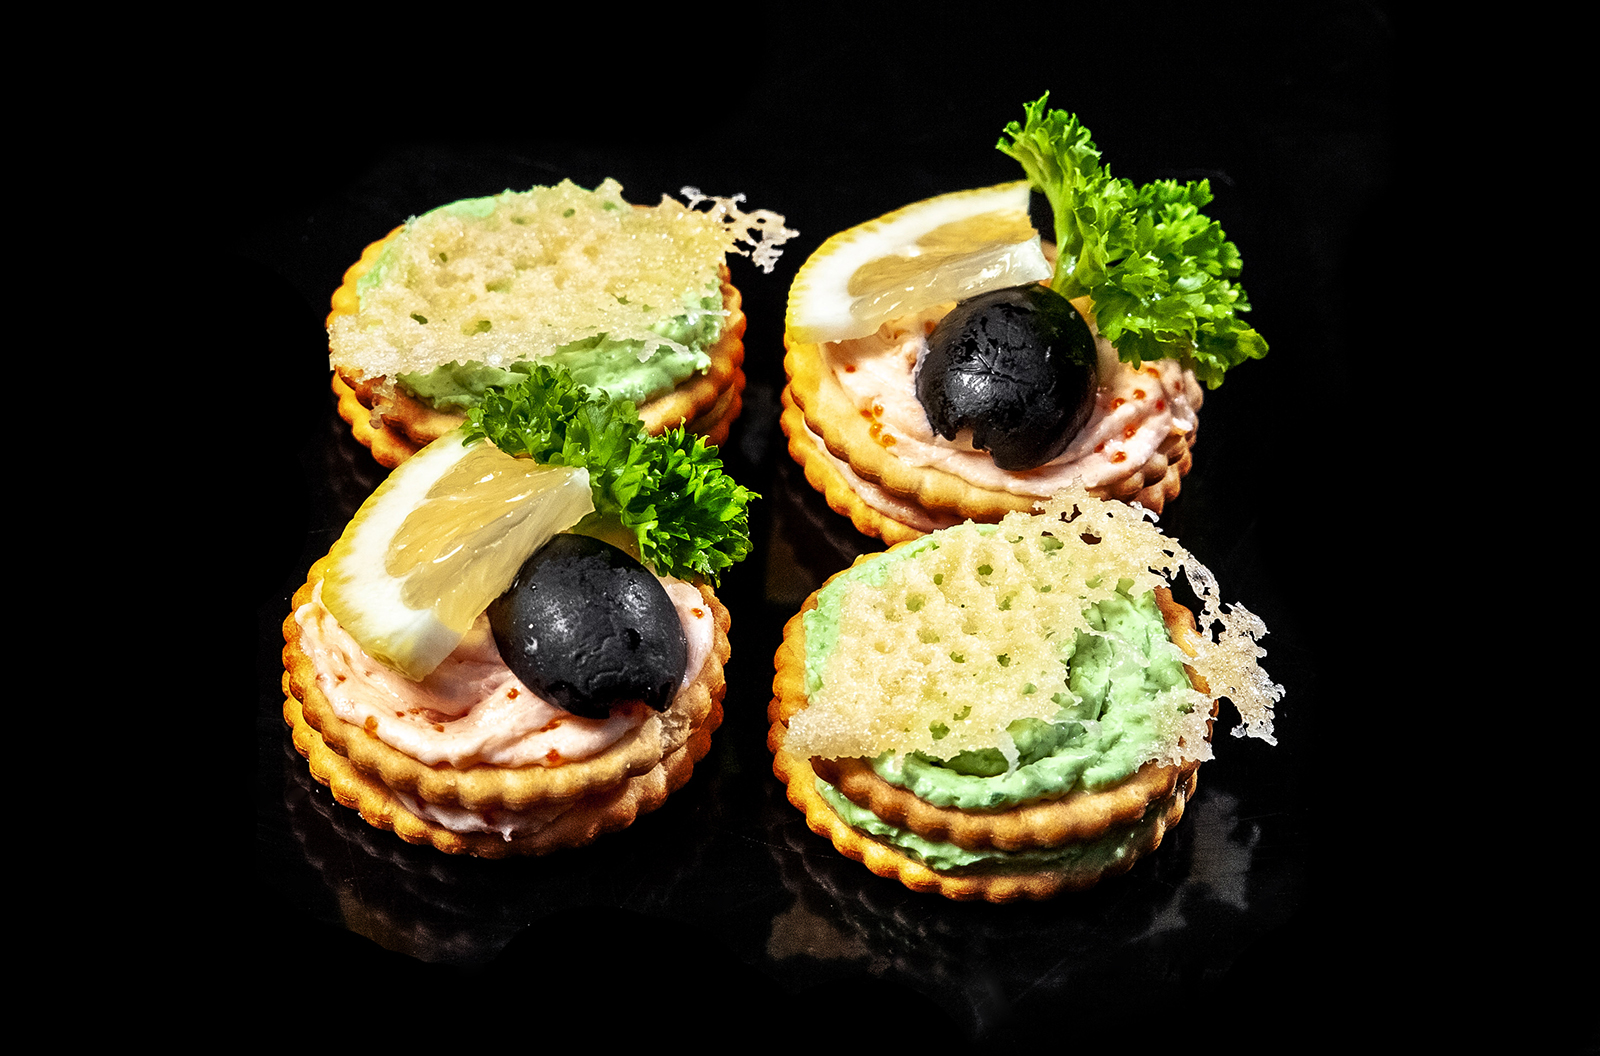 Крекер со сливочным сыром, шпинатом и пармезаном